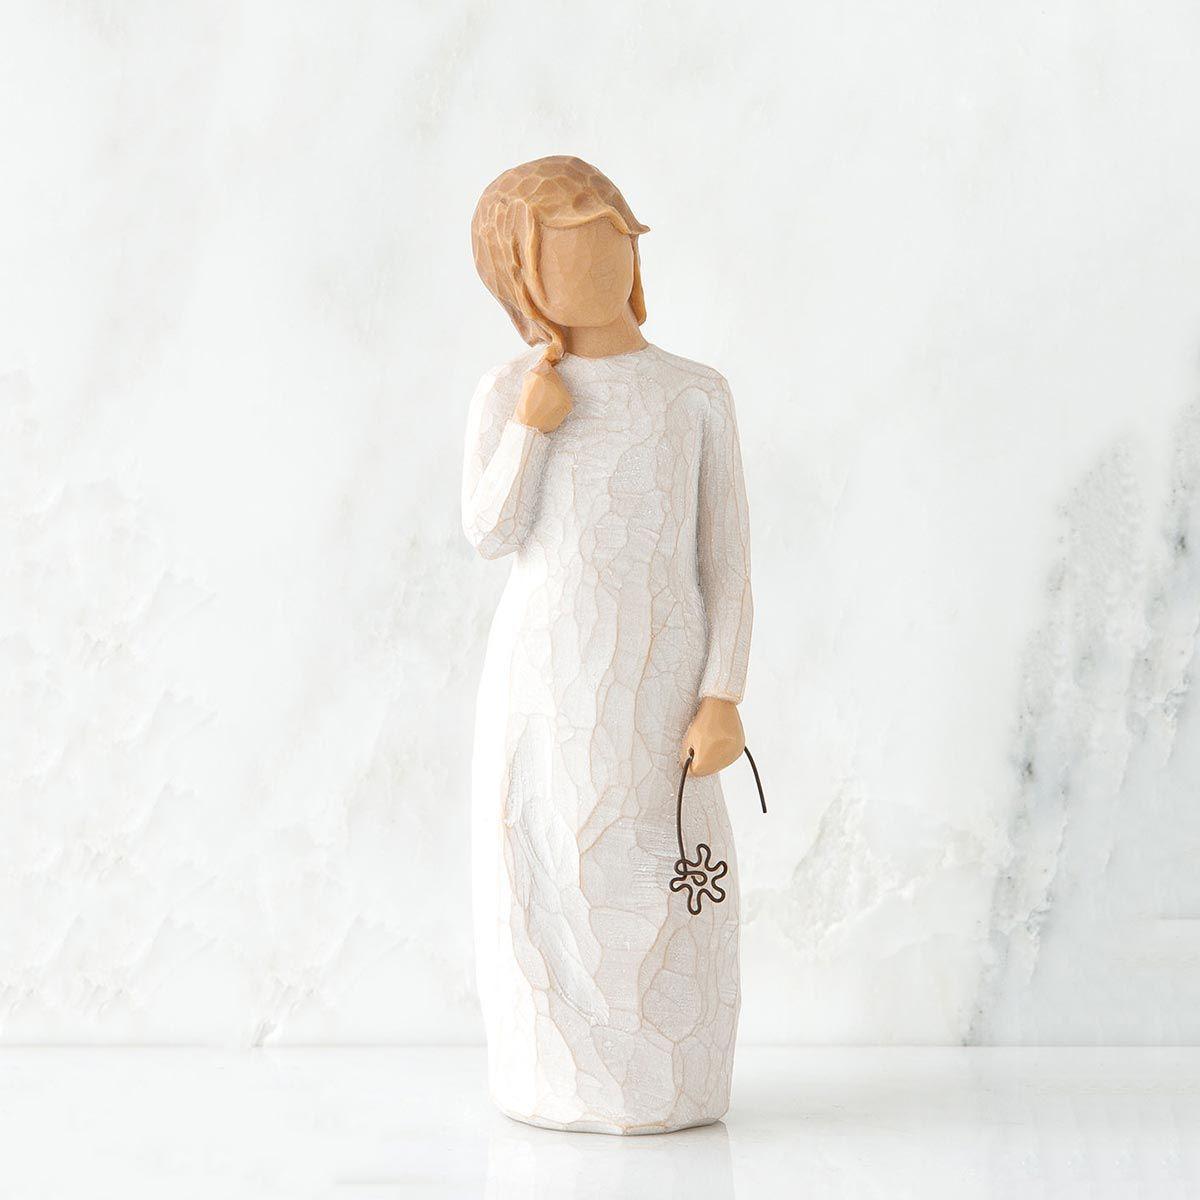 ウィローツリー彫像 【Remember】 - あなたのこと忘れない